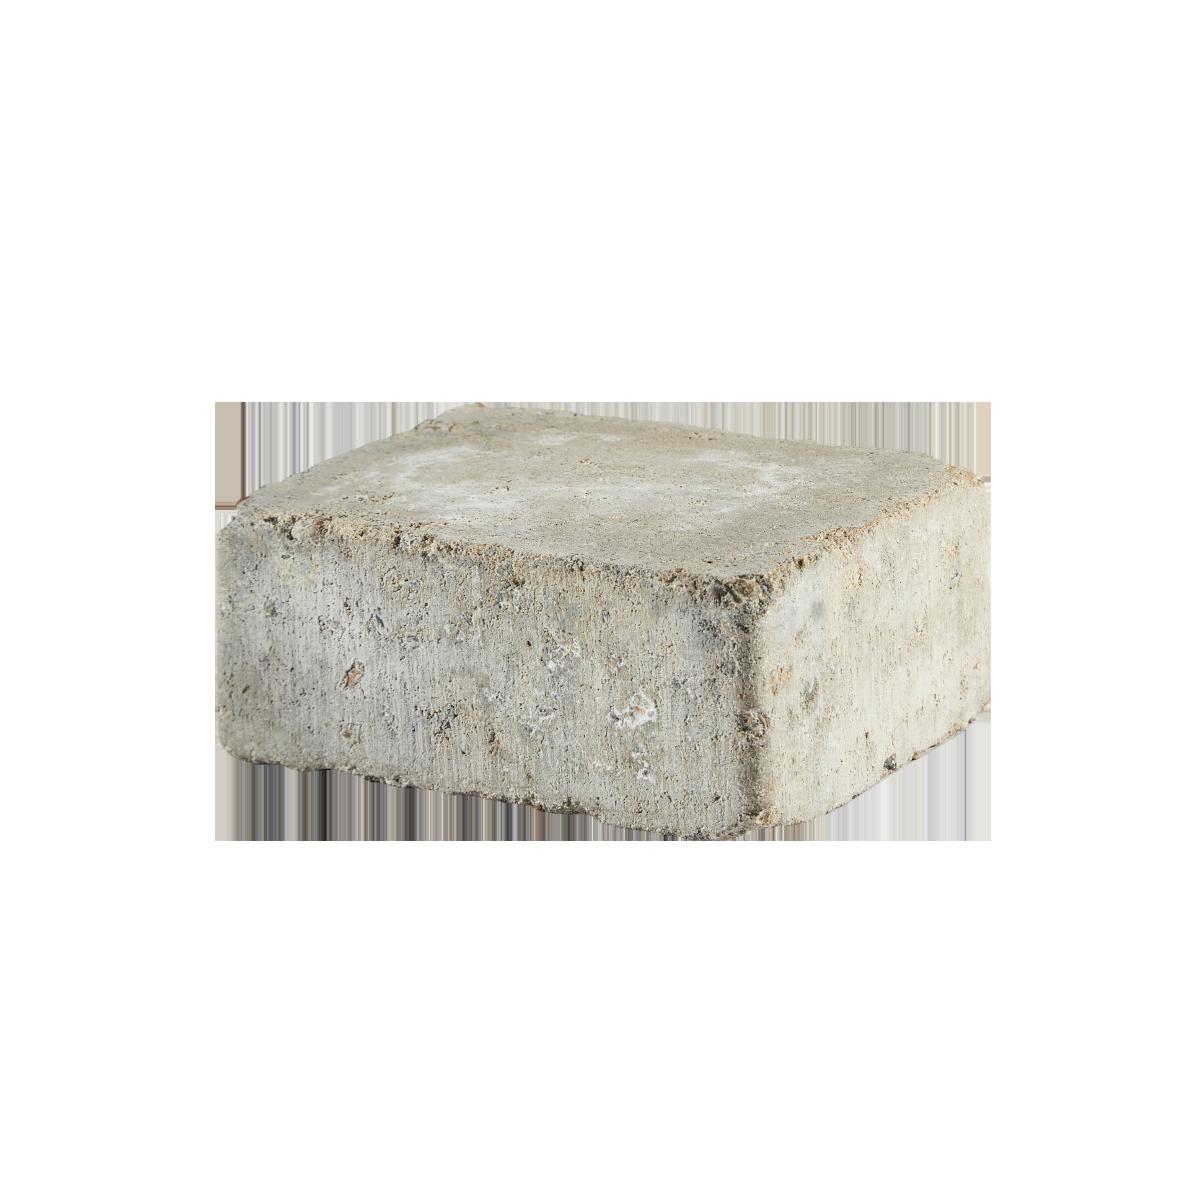 Holmegaardsten® 14x10,5x5 cm Gyldenmix Halve